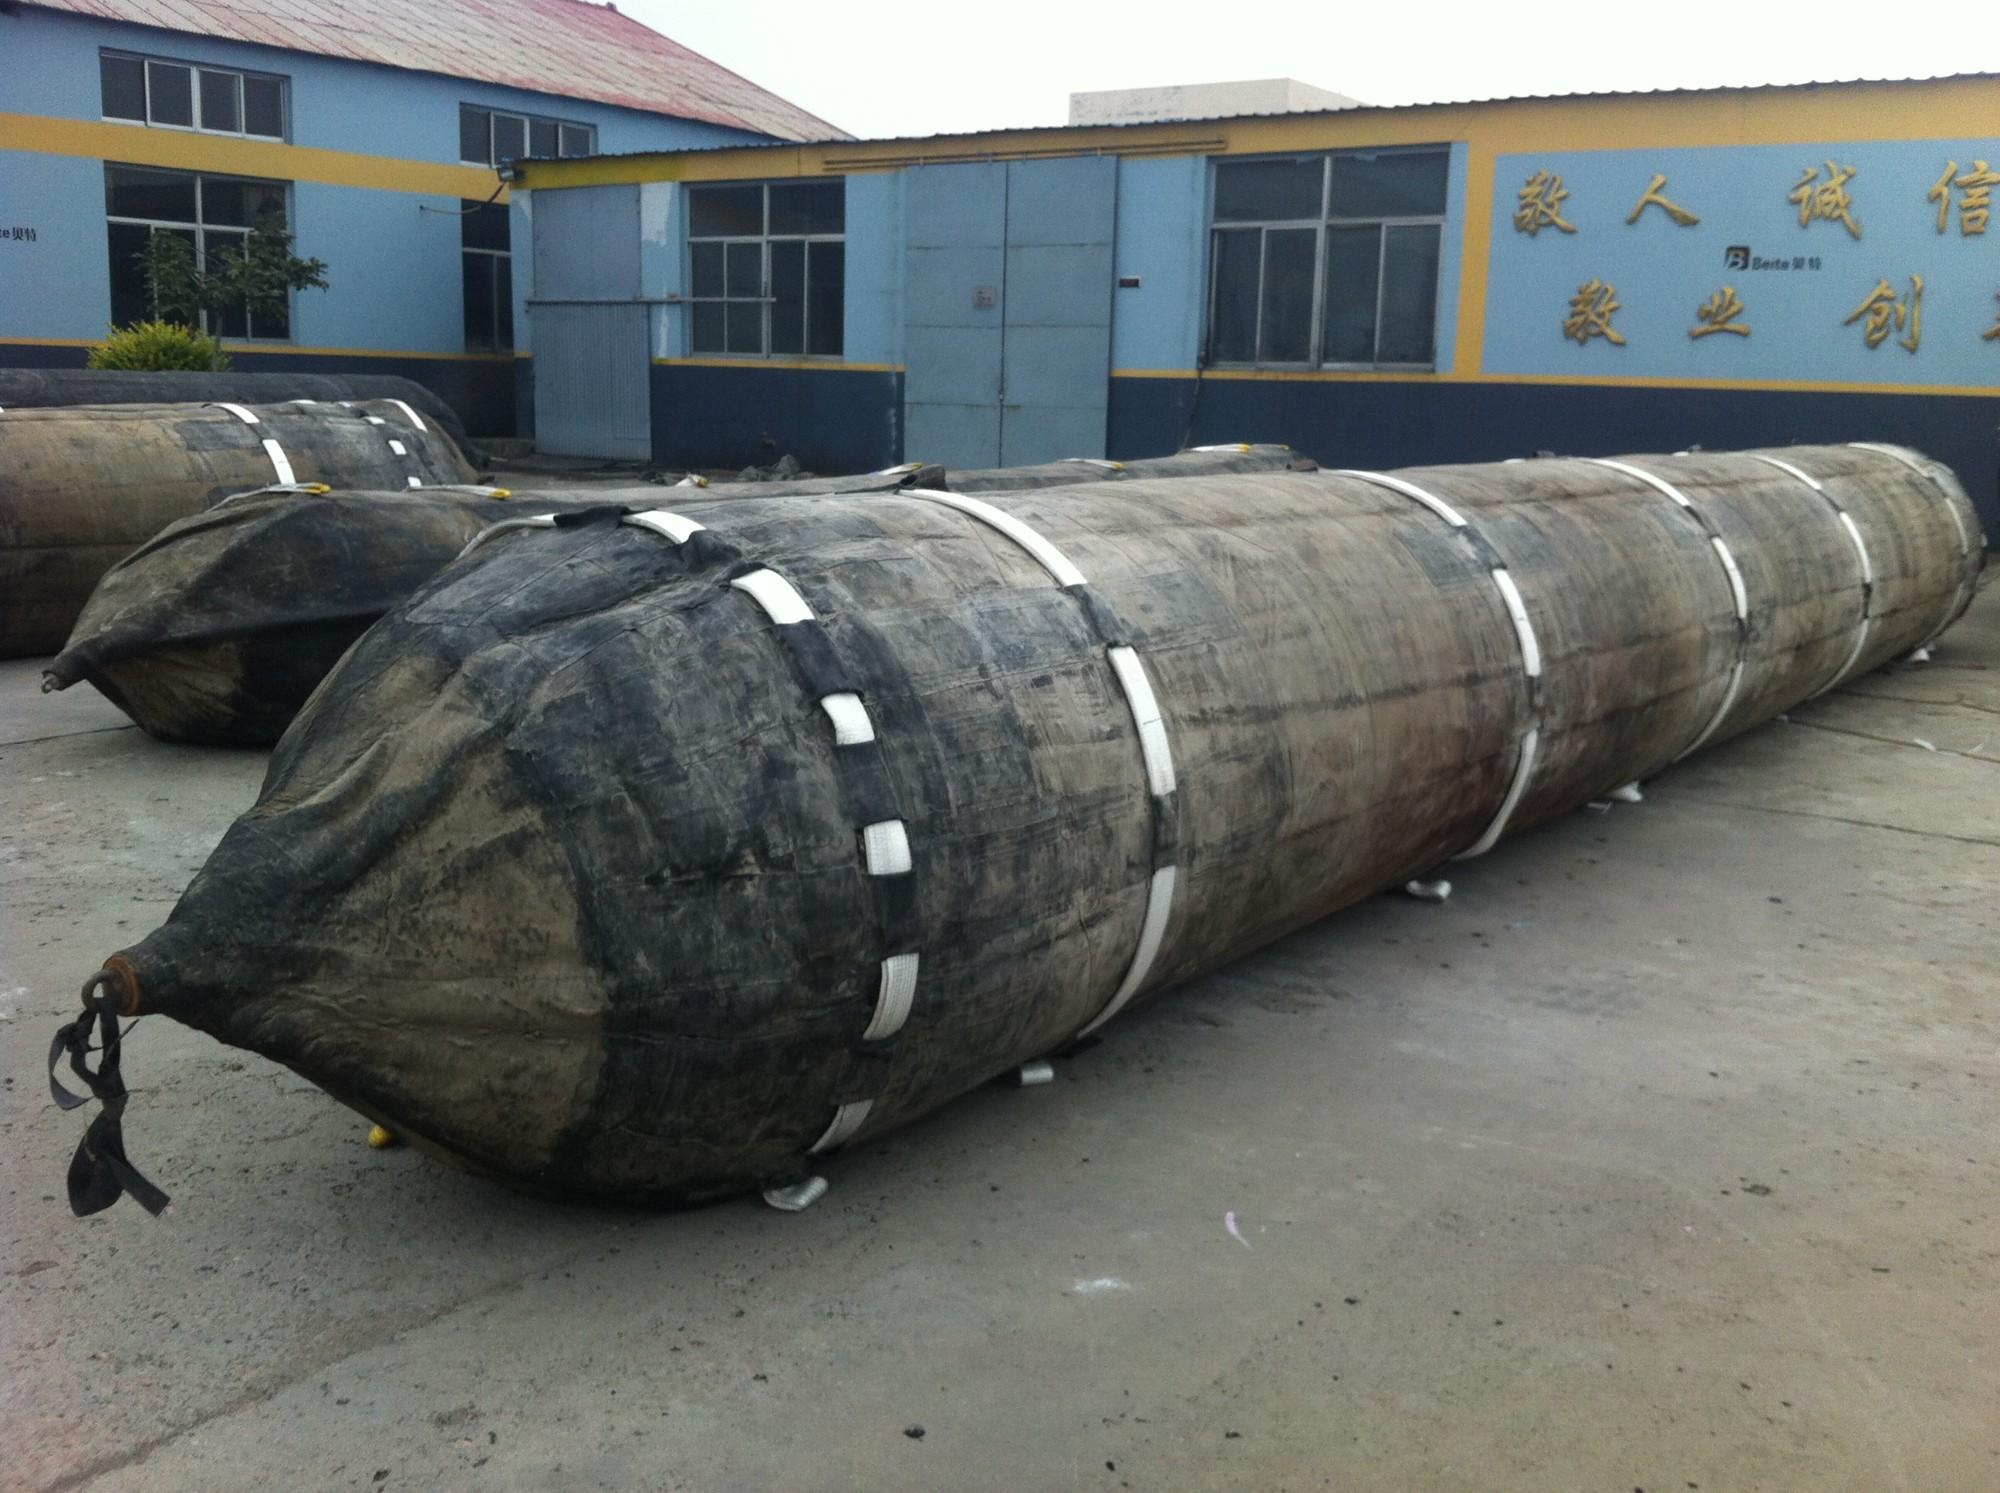 Kaufen Boot-Styropor-Bojen;Boot-Styropor-Bojen Preis;Boot-Styropor-Bojen Marken;Boot-Styropor-Bojen Hersteller;Boot-Styropor-Bojen Zitat;Boot-Styropor-Bojen Unternehmen